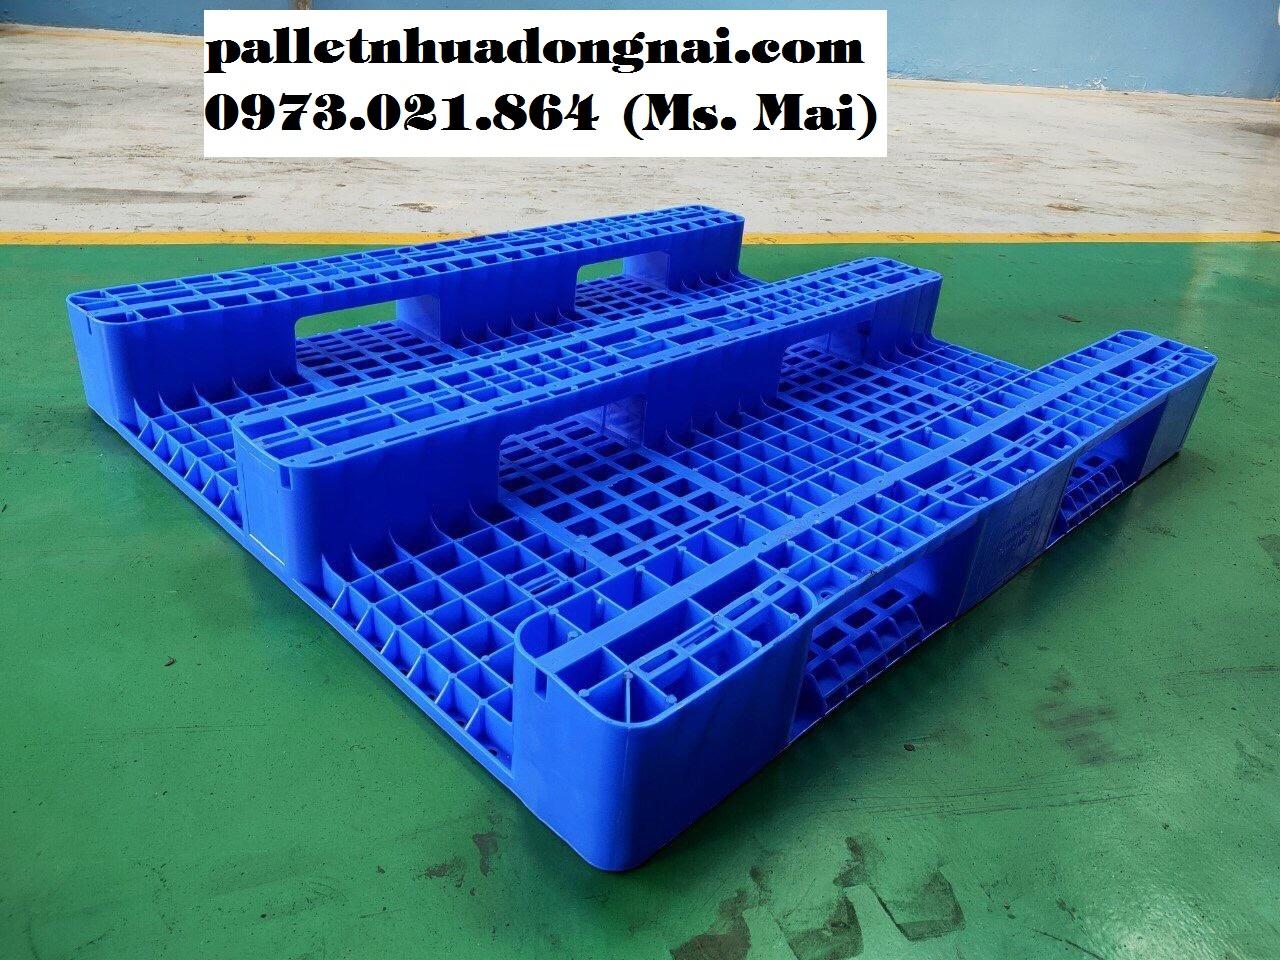 Pallet nhựa tải trọng nặng